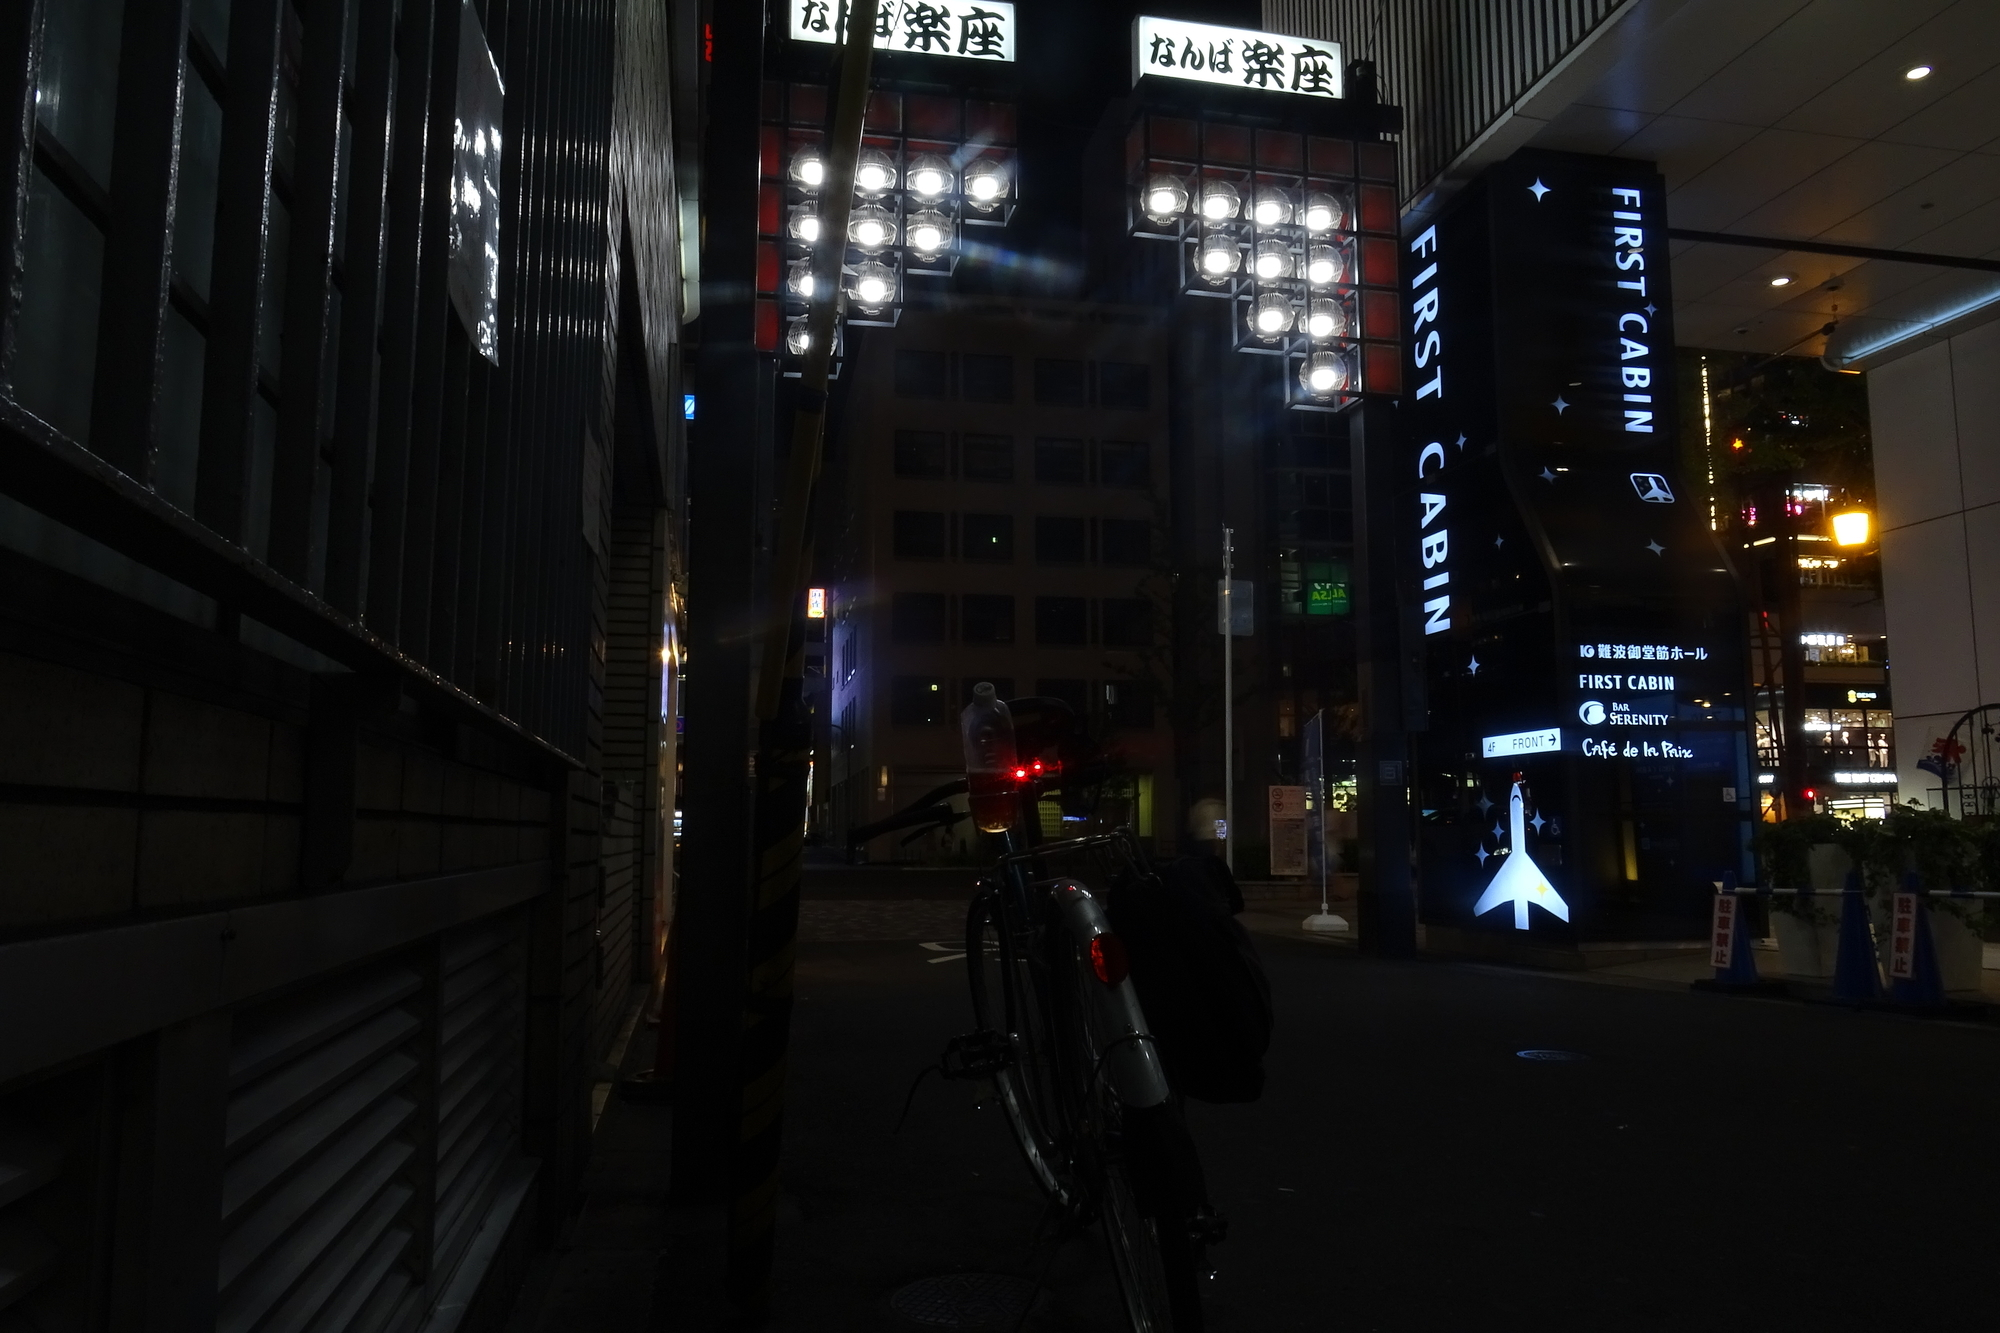 f:id:Yusagi_TourerV:20190811041207j:plain